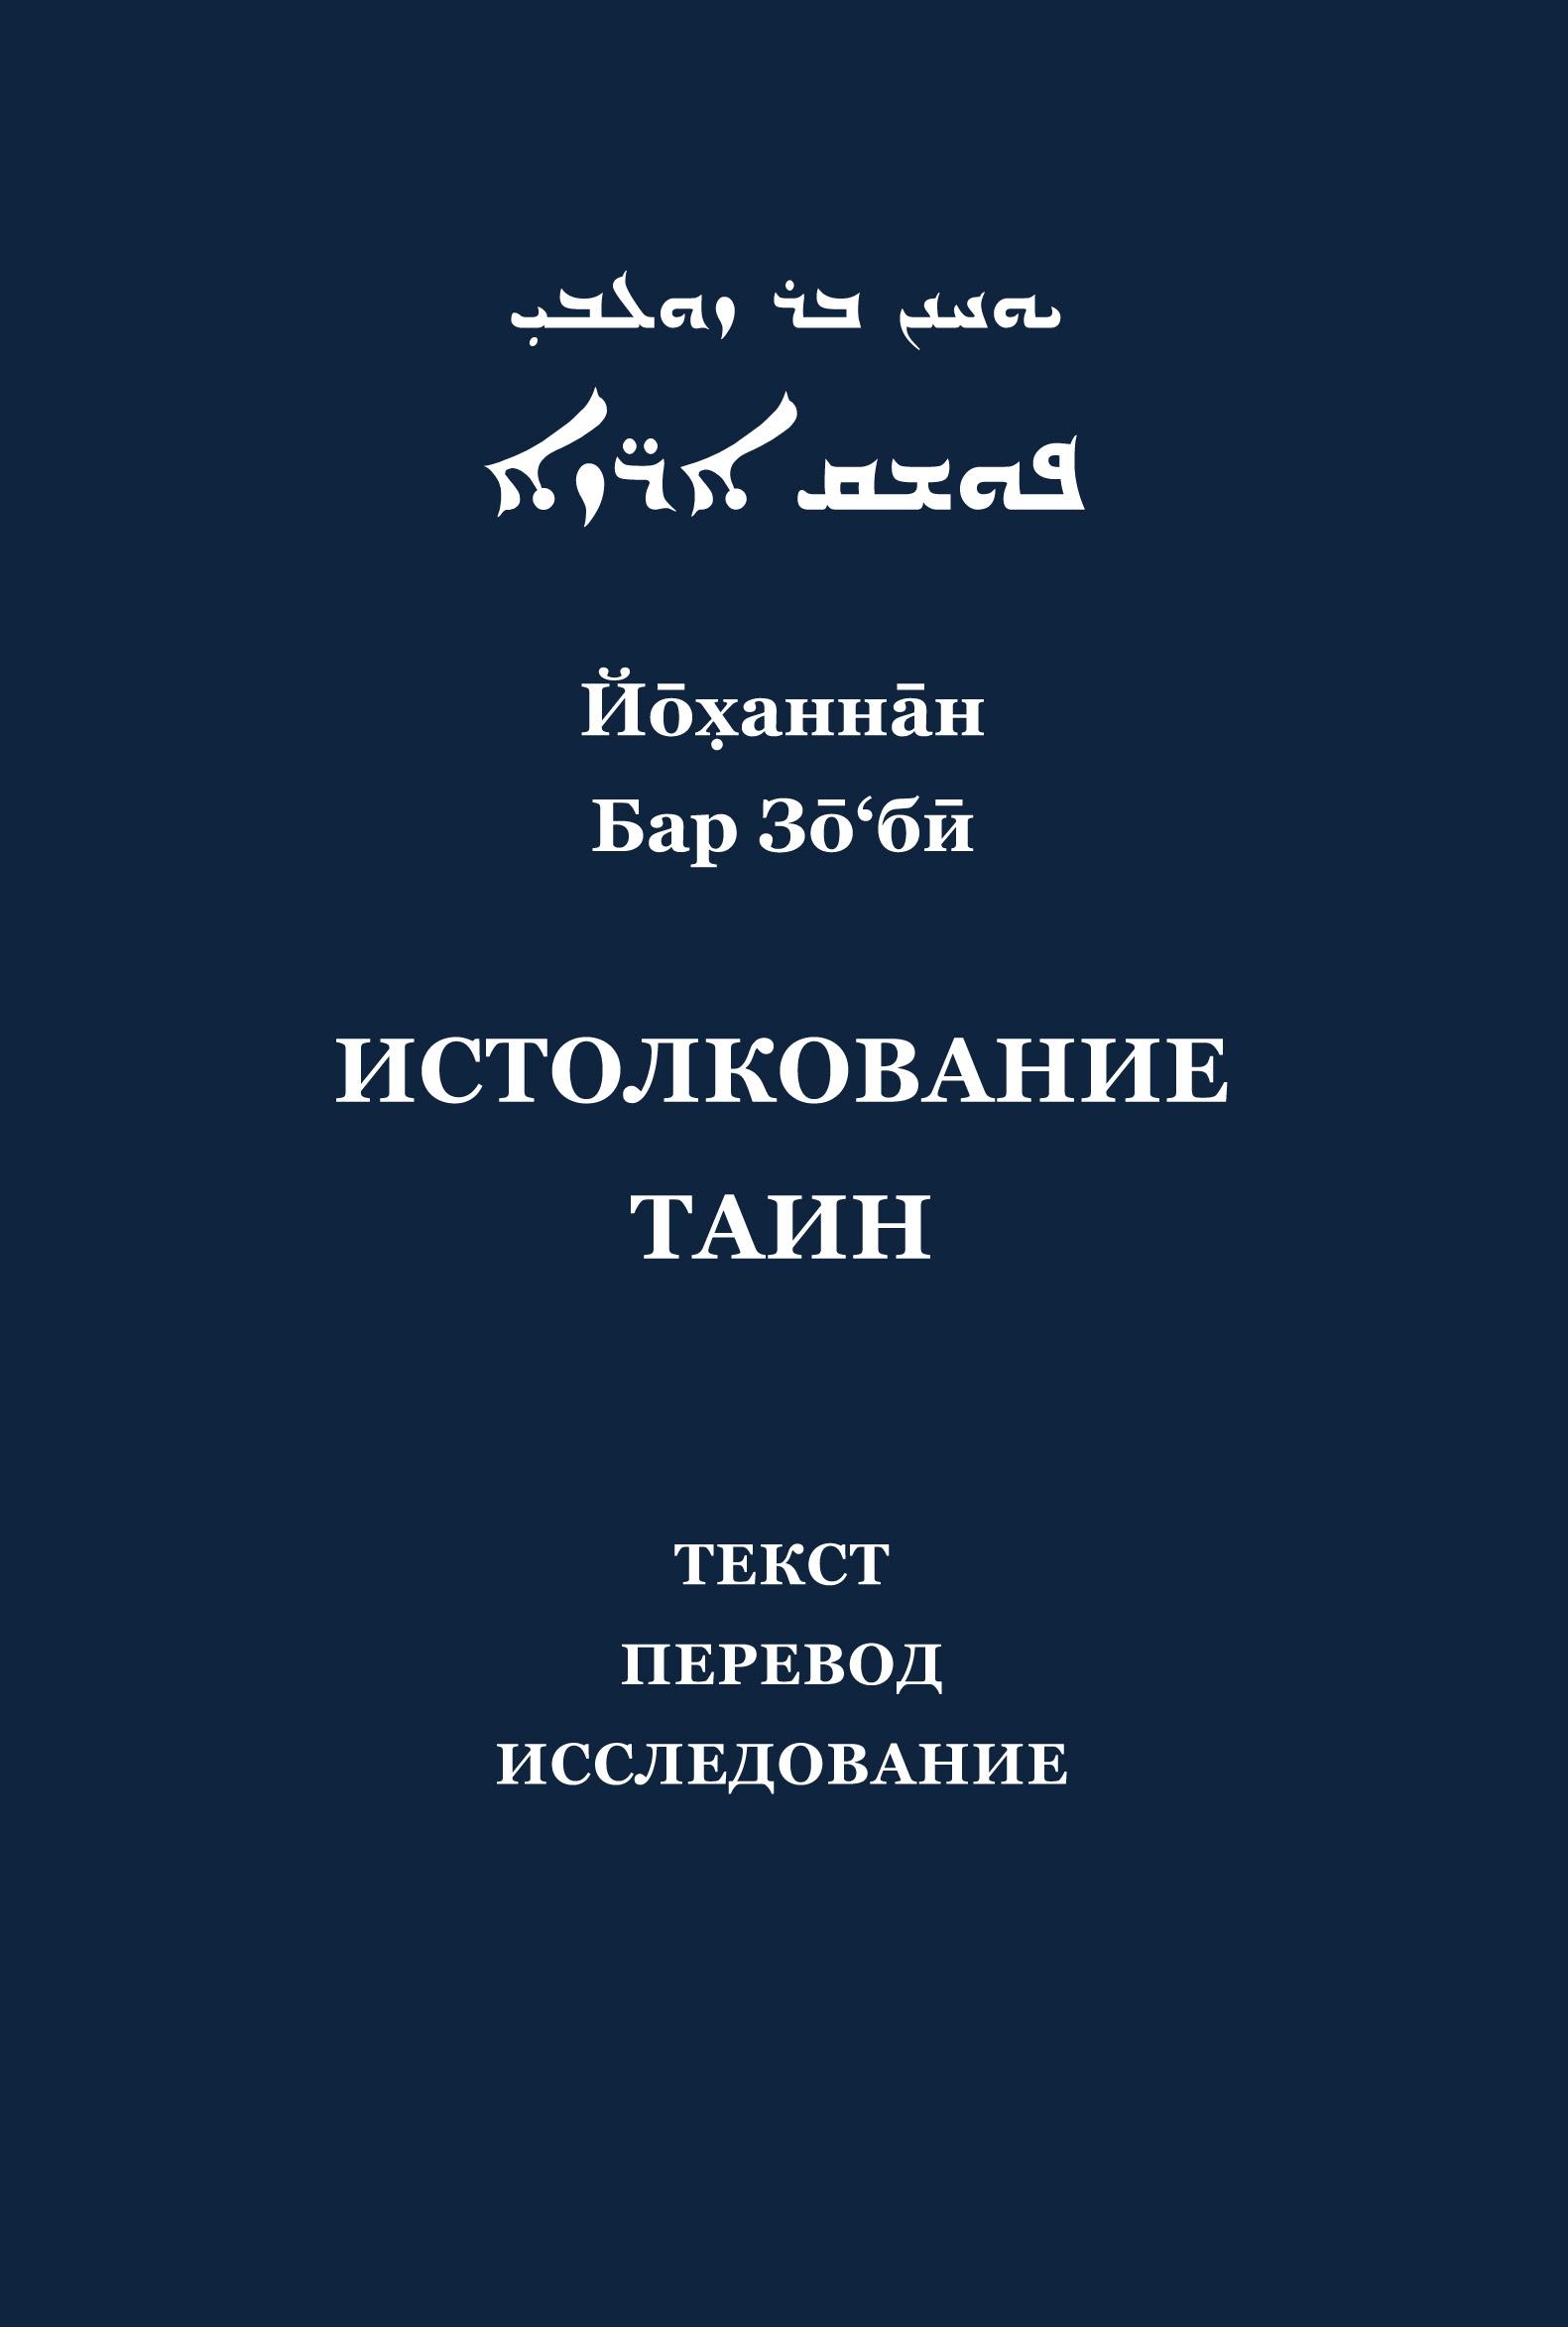 Йоханнан Бар Зо\'би и его «Истолкование таин». Критический текст, перевод, исследование ( Н. Н. Селезнев  )